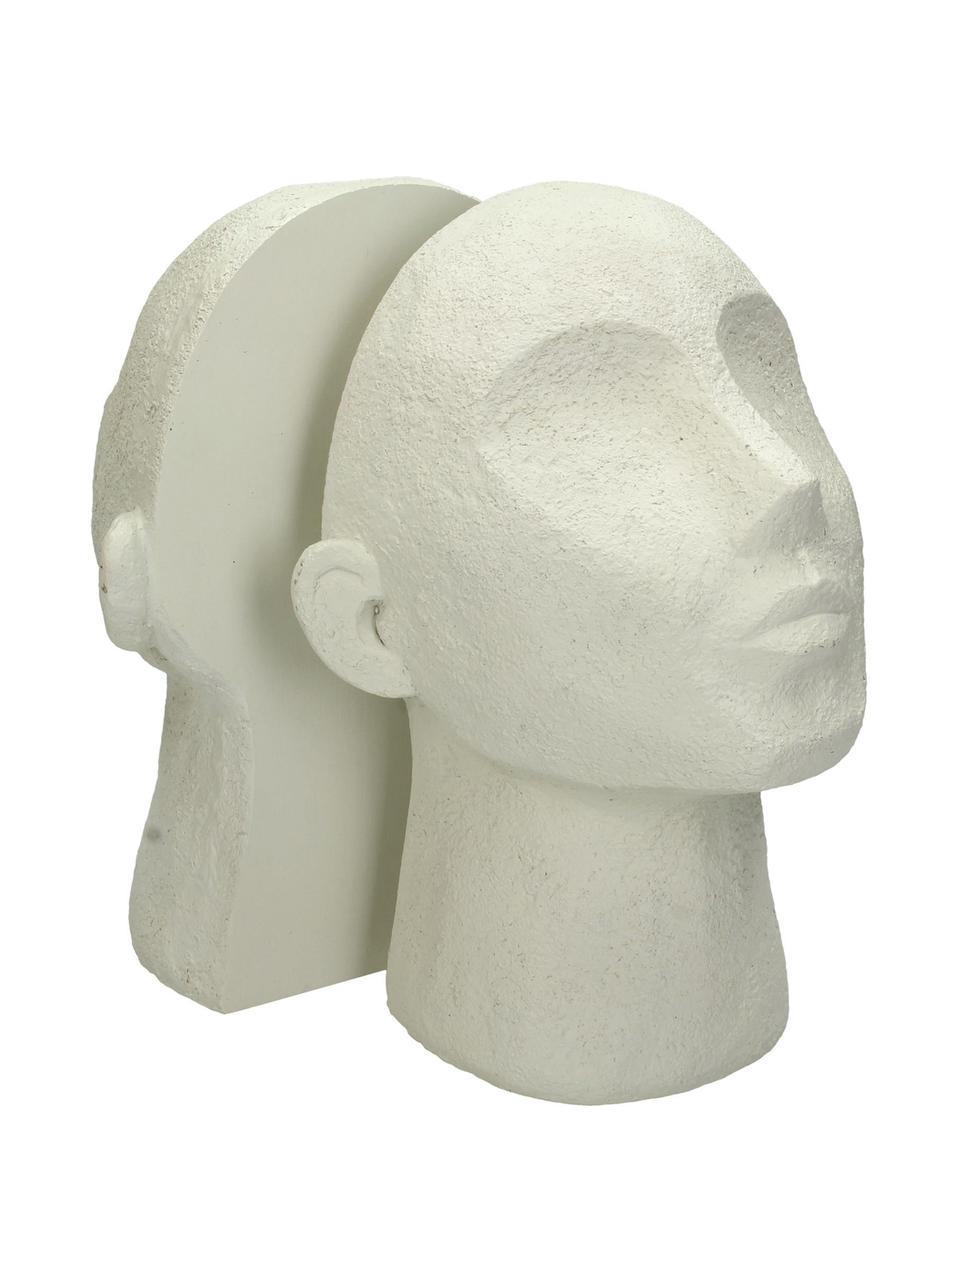 Buchstützen Head, 2 Stück, Polyresin, Gebrochenes Weiß, 23 x 32 cm